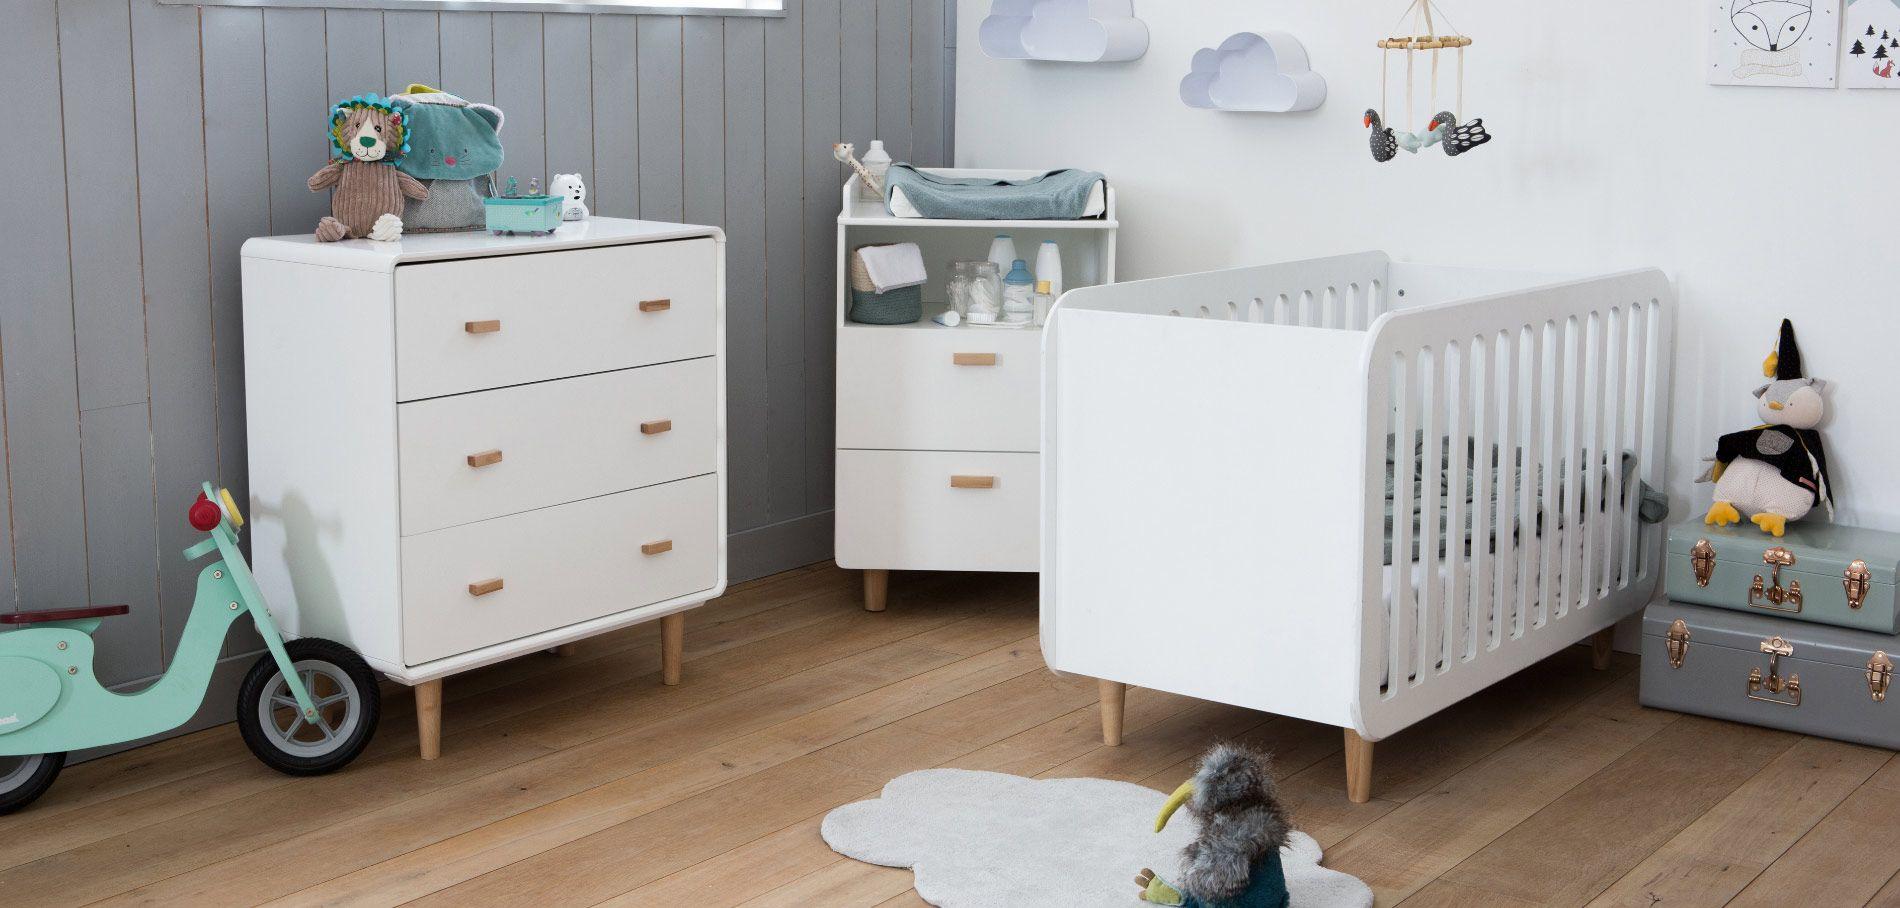 5 styles de décoration pour une chambre d'enfant